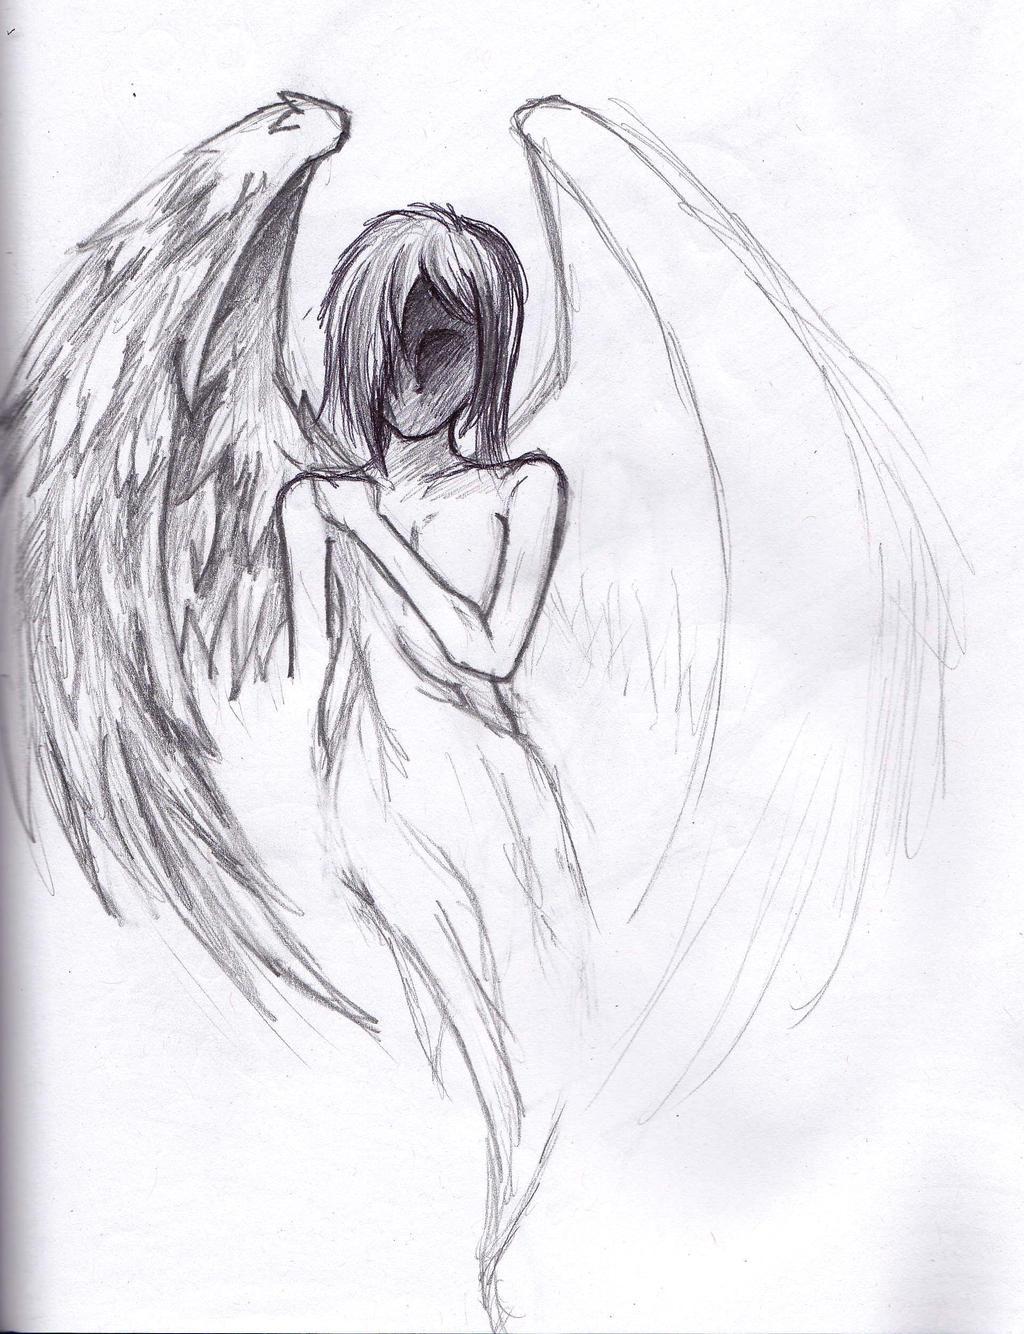 depressed angel drawings - photo #3